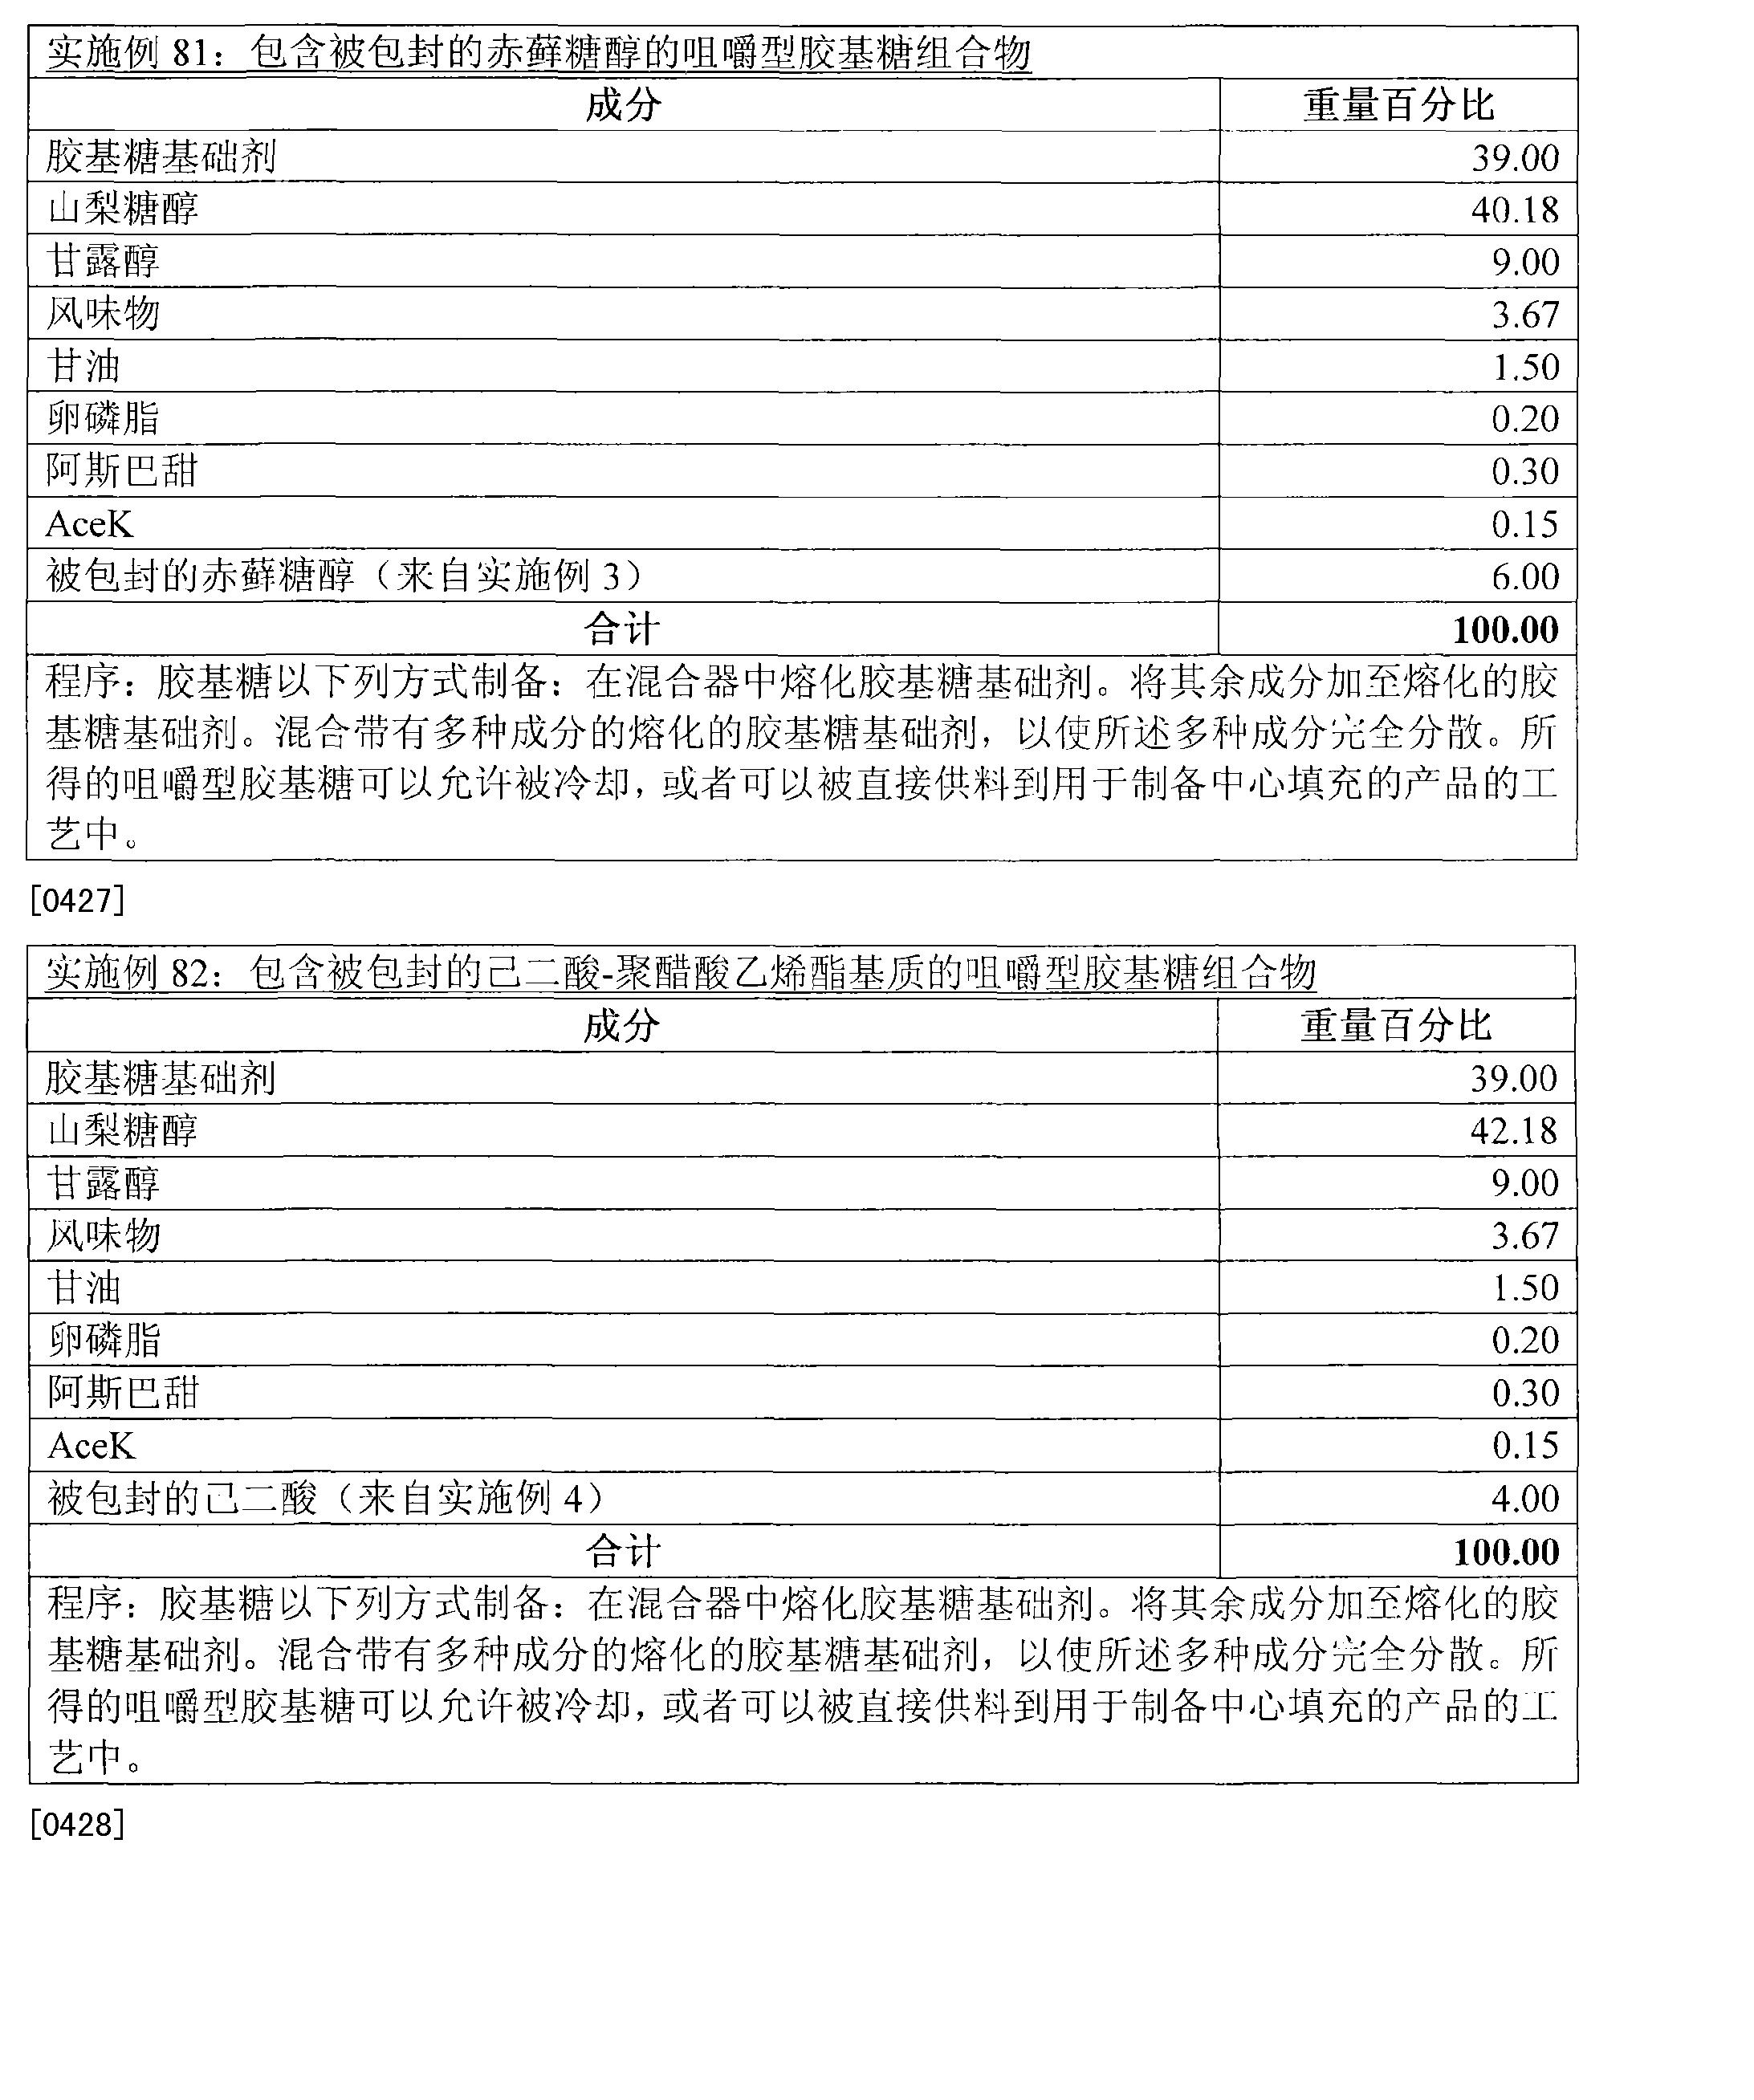 Figure CN101179944BD00991